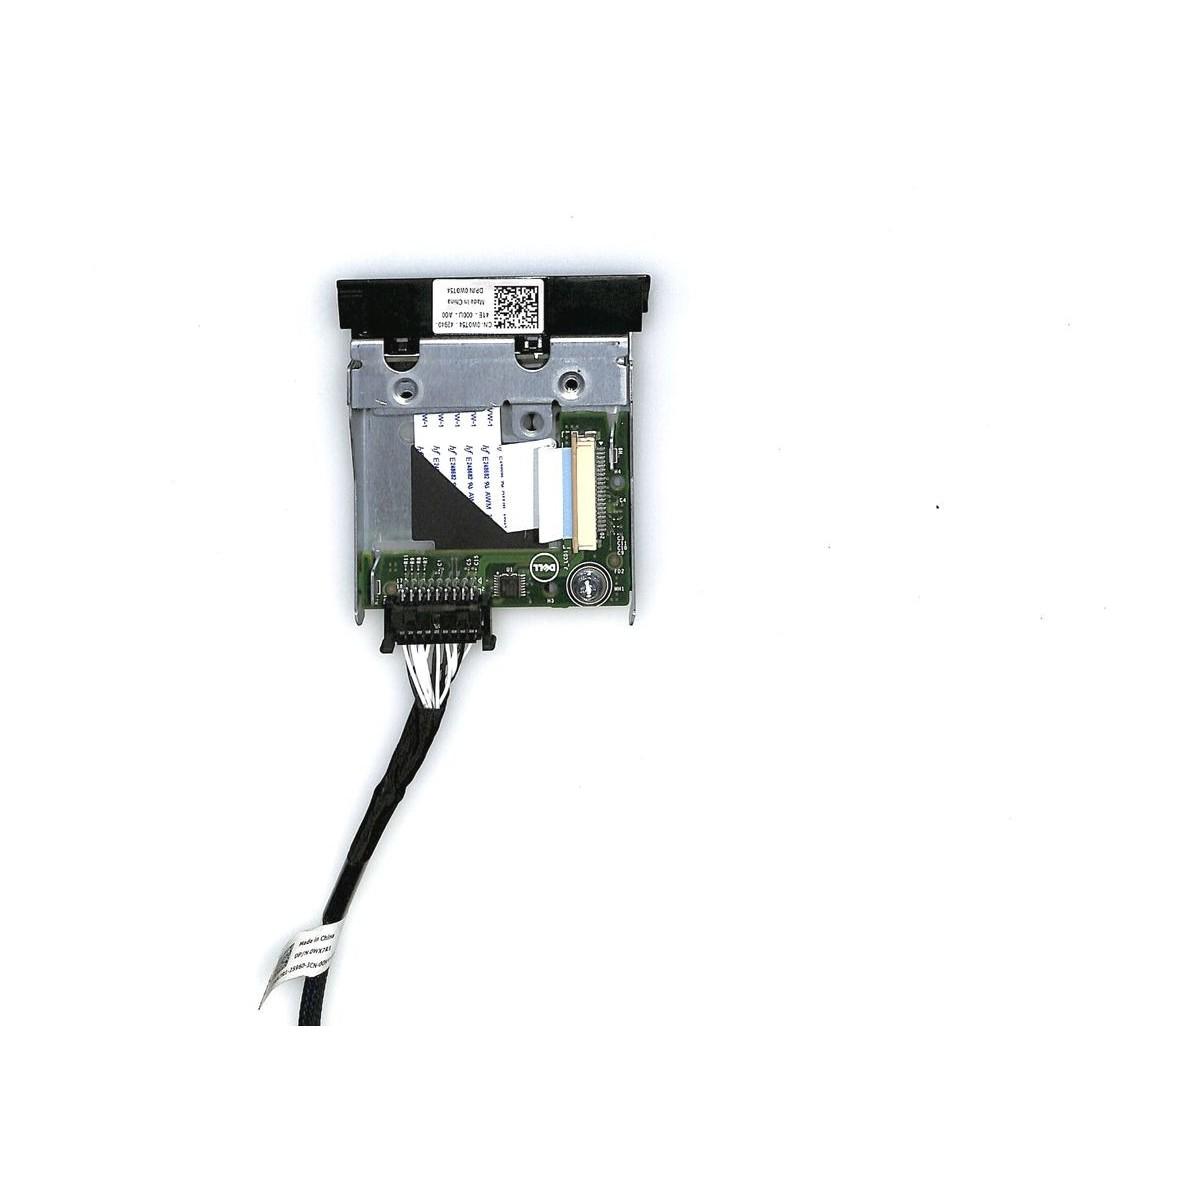 DYSK TWARDY WD 500GB VelociRaptor 10K 3,5 WD5000HHTZ